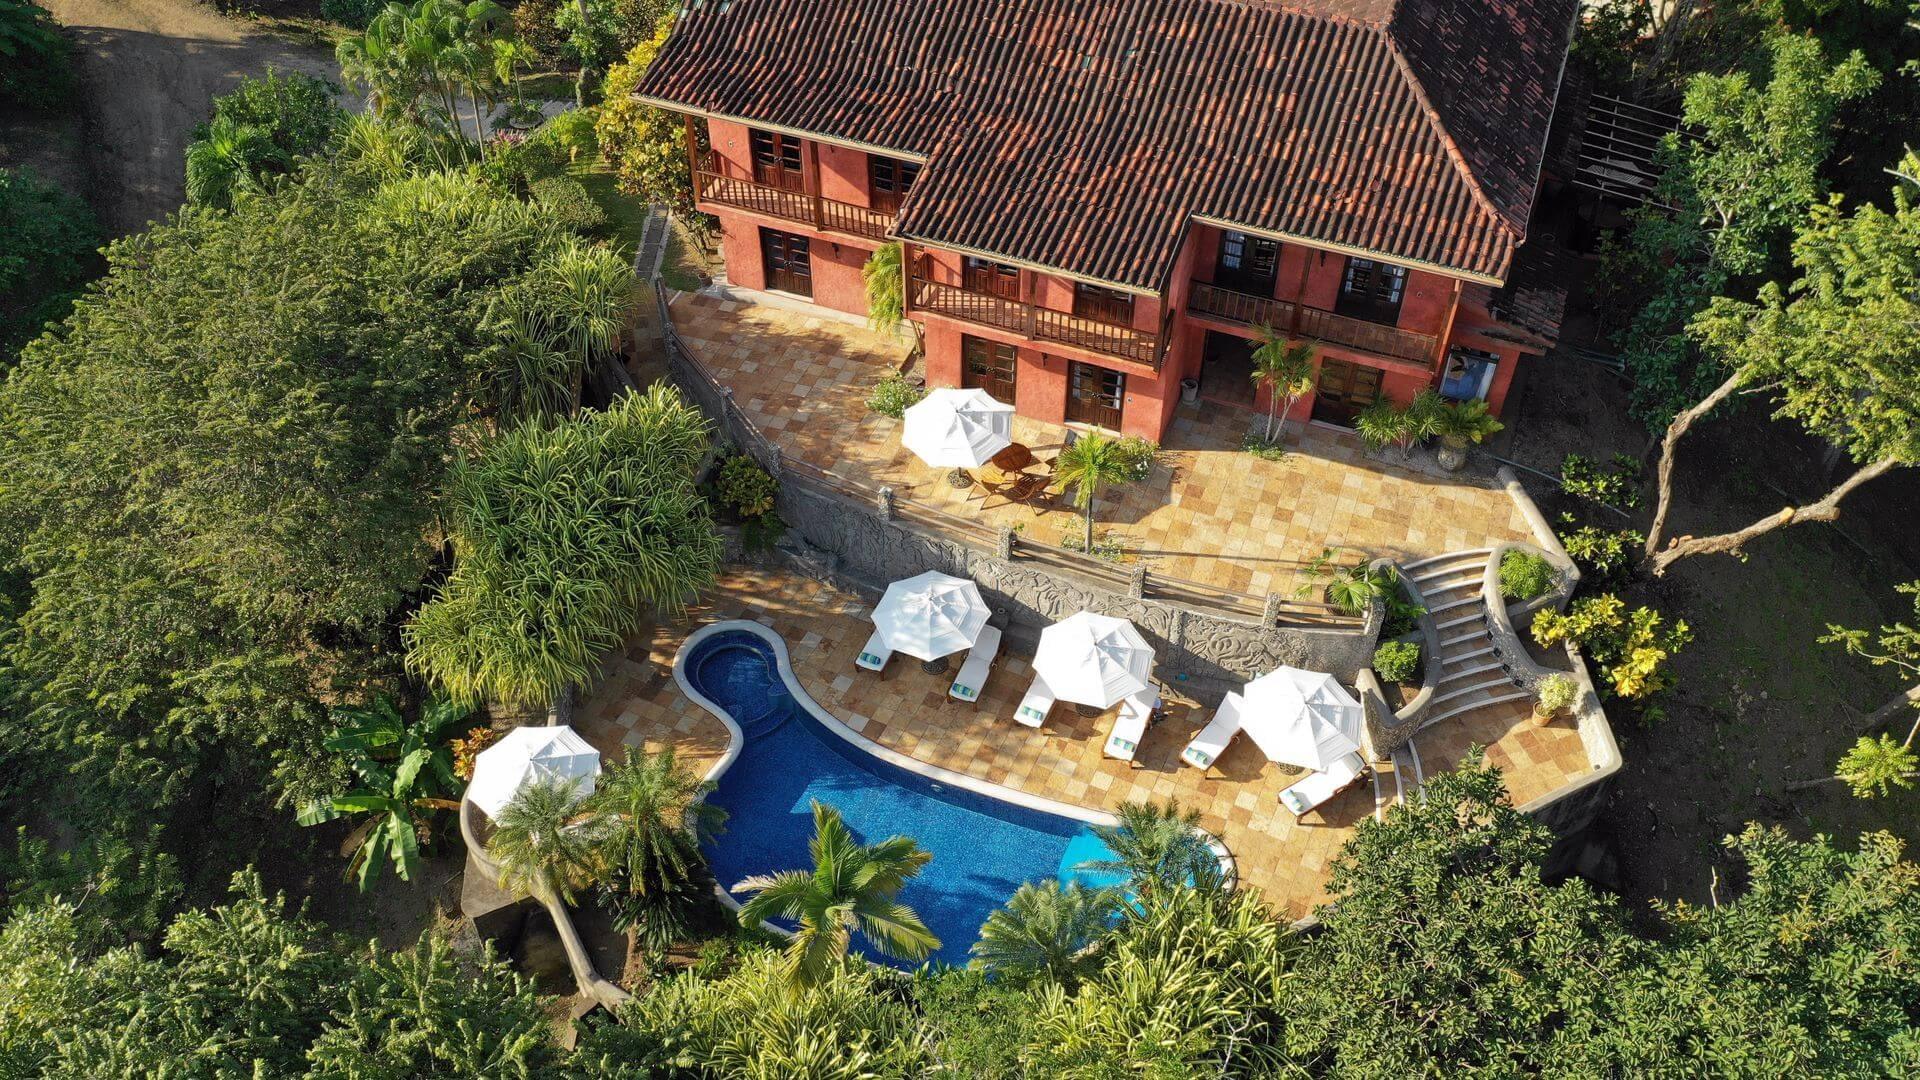 Hacienda Barrigona Casa Barrigona Pool